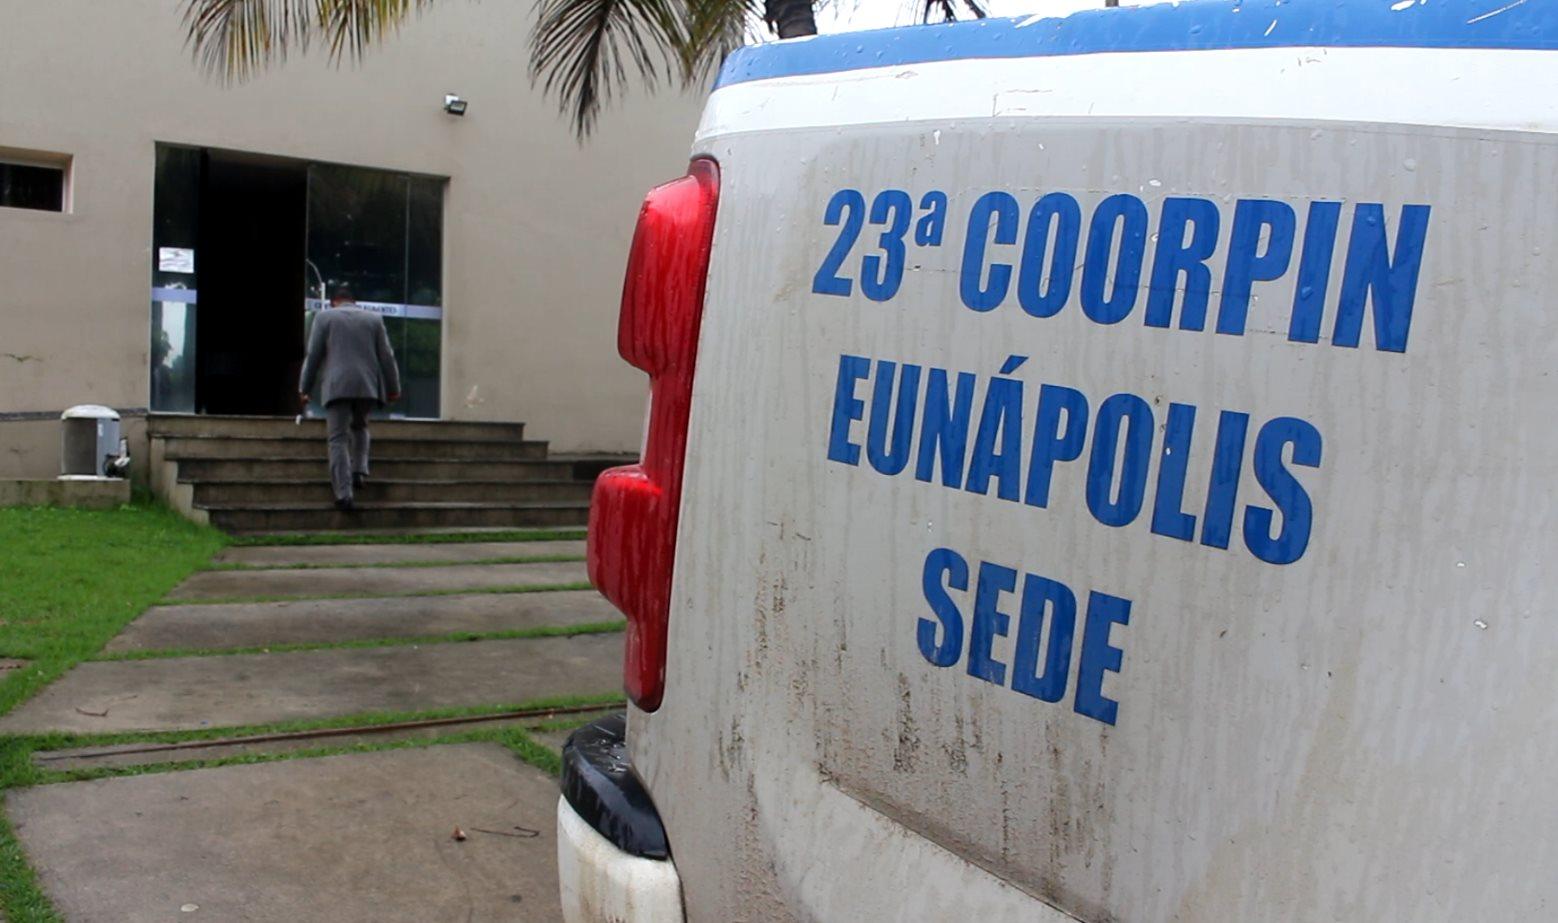 Polícia investiga estupro de bebê de quatro meses em Eunápolis